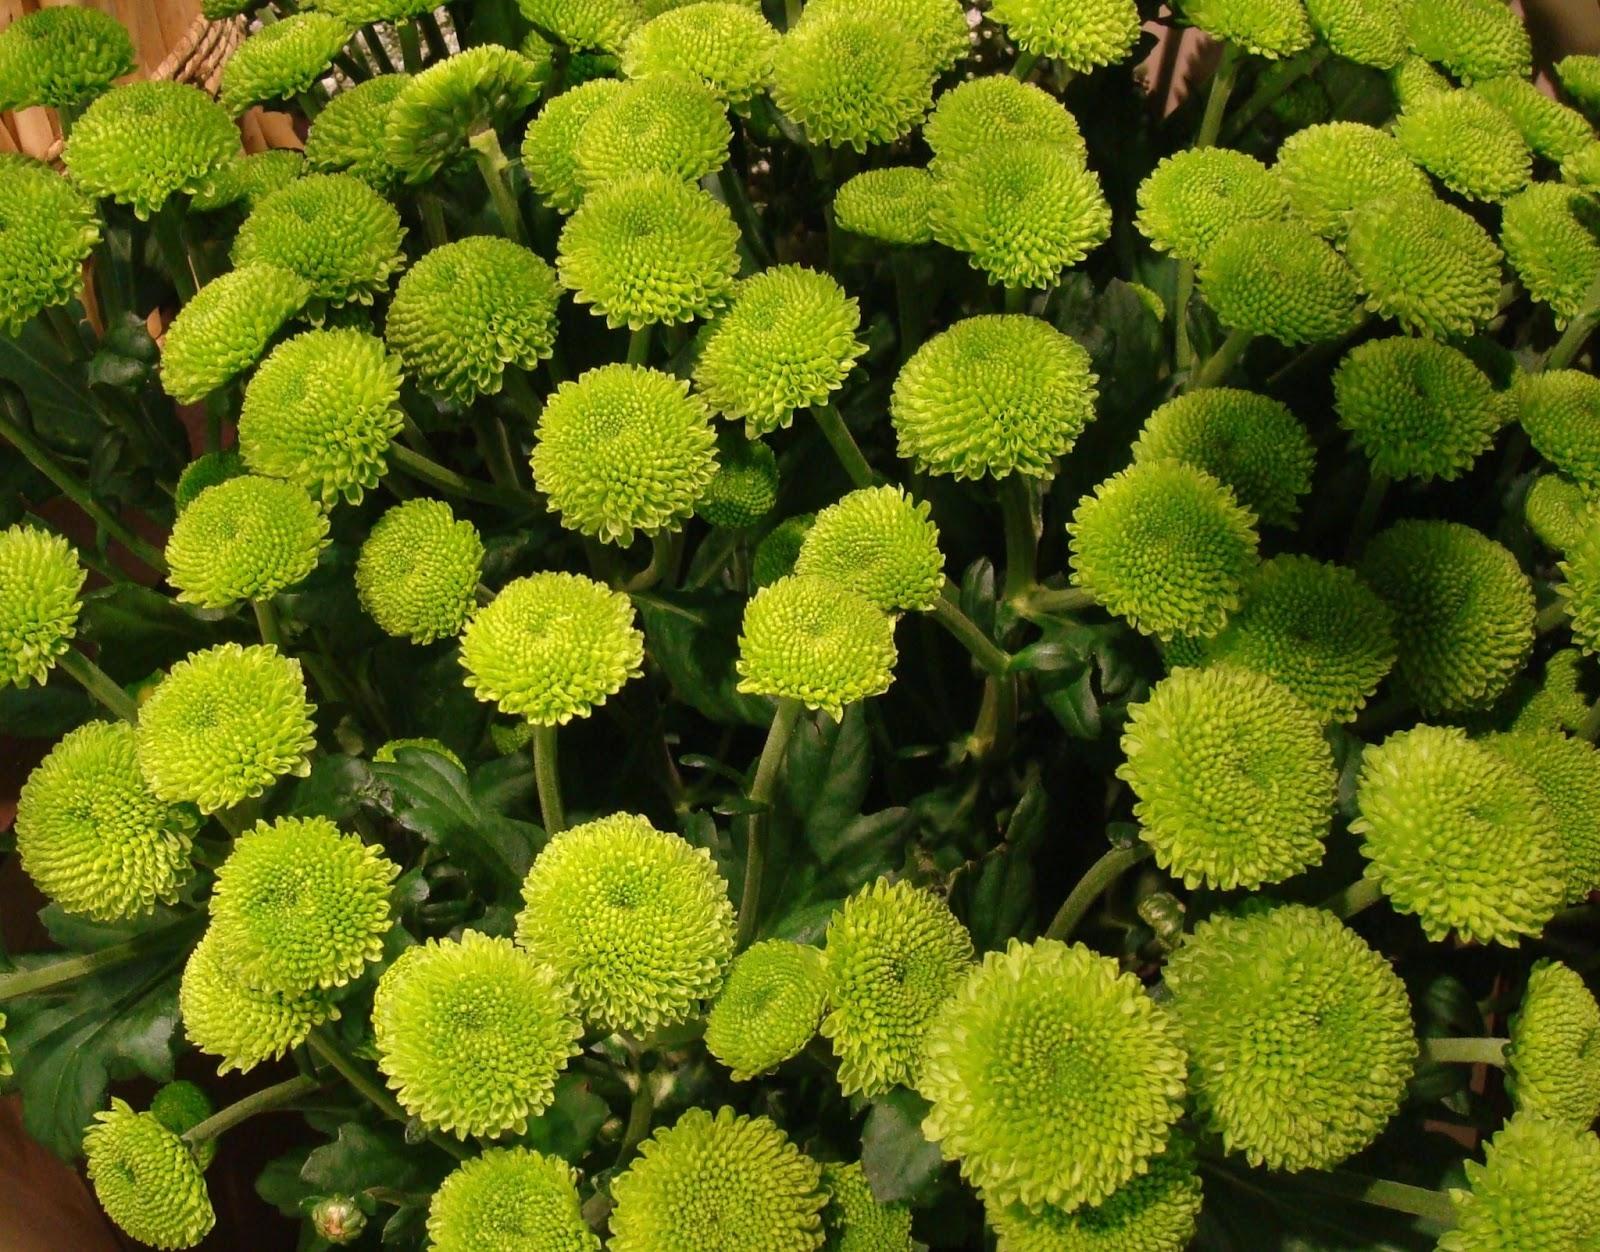 fleuriste isabelle feuvrier o 249 trouver des plants de chrysanth 232 mes feeling green santini ou